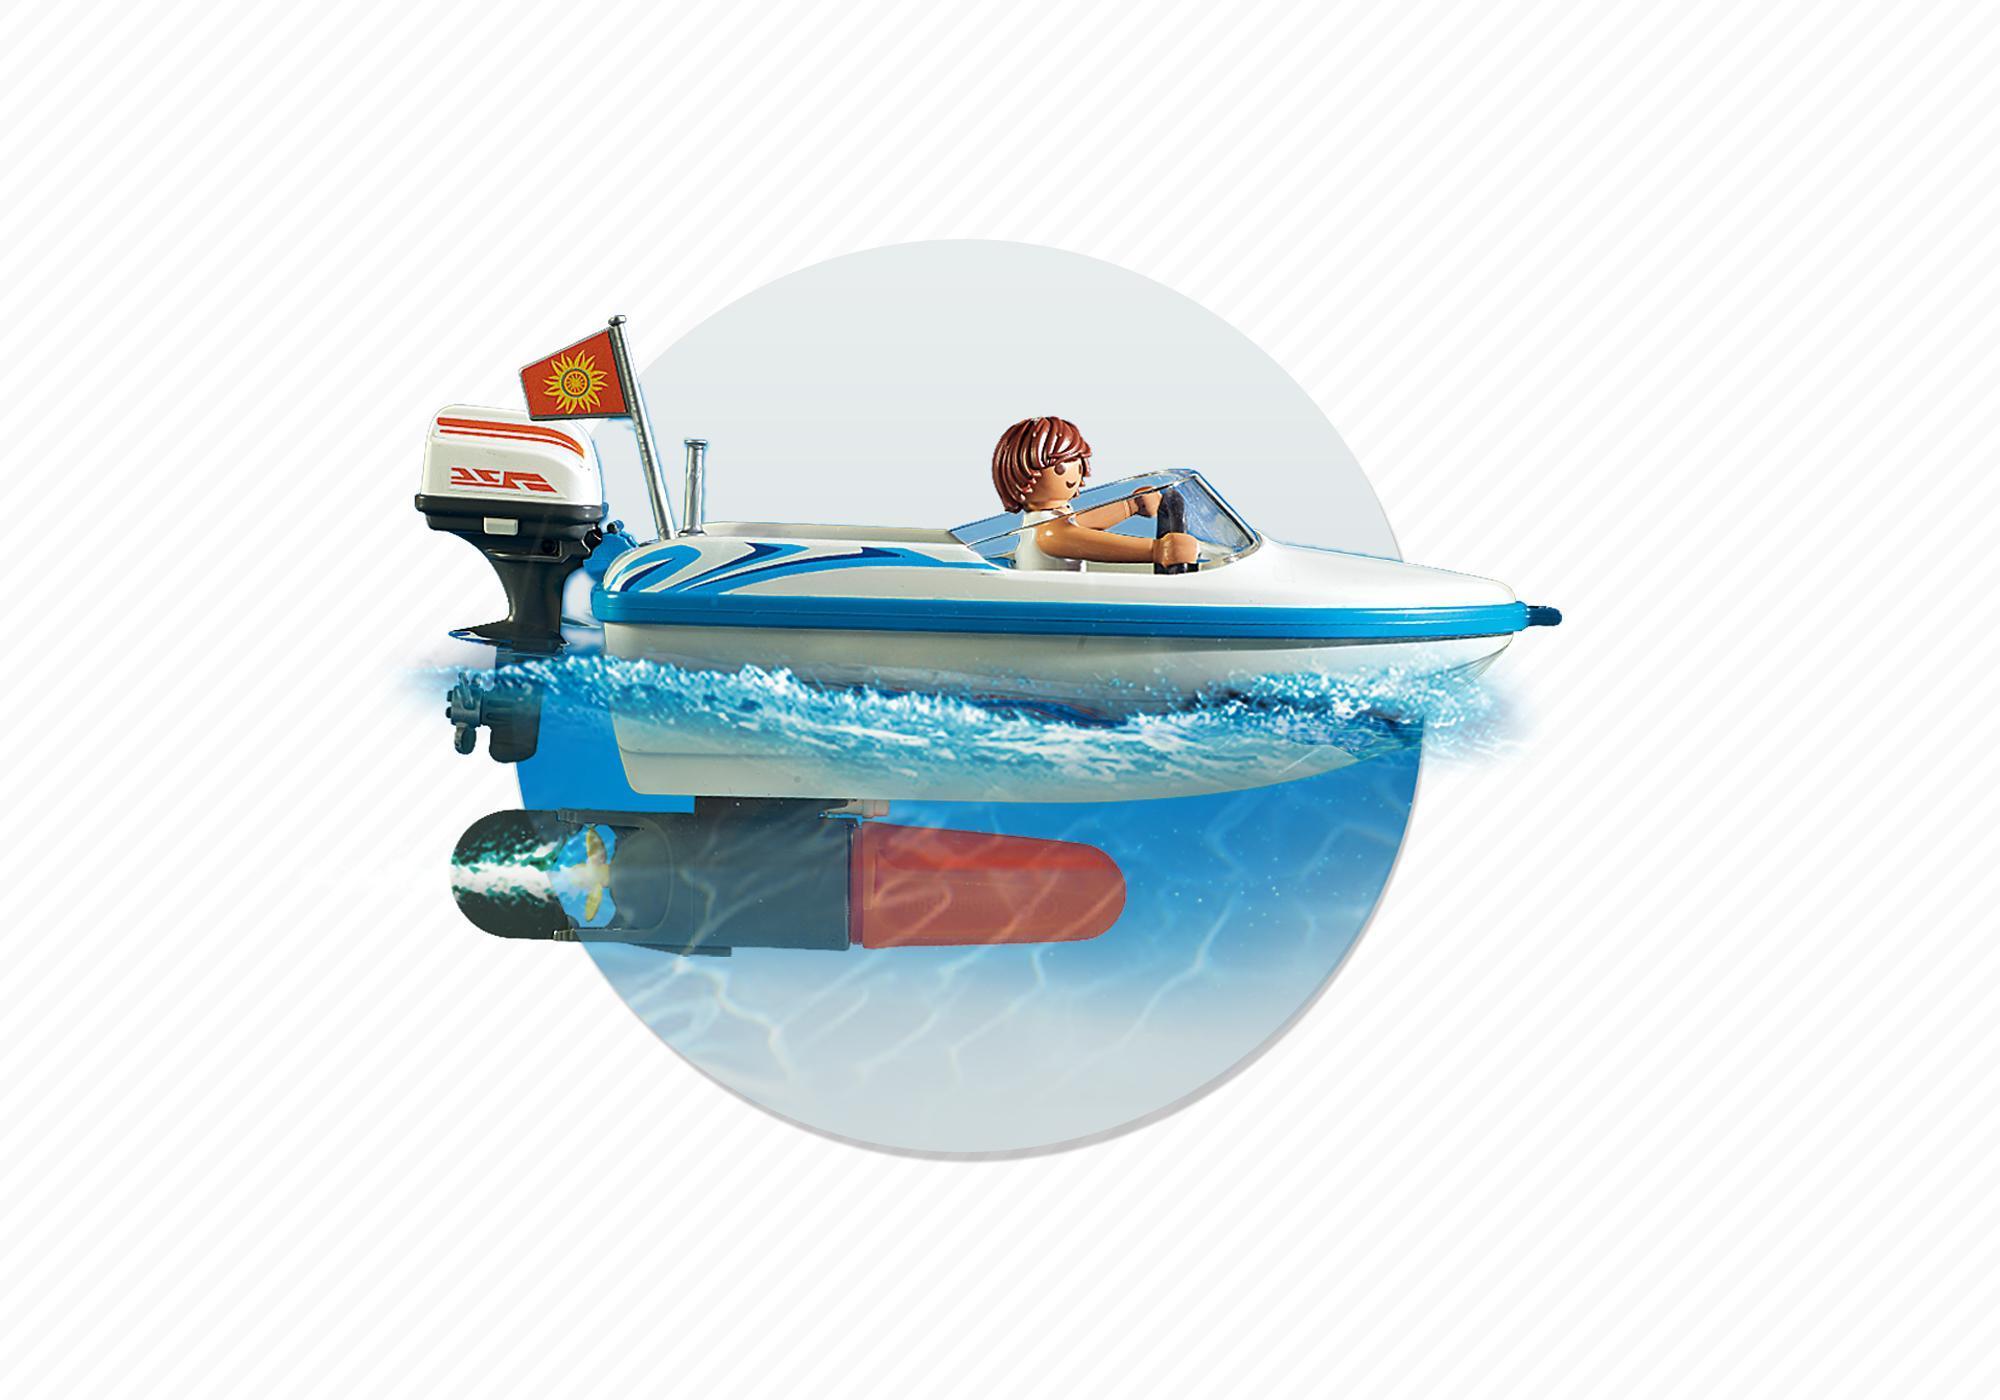 http://media.playmobil.com/i/playmobil/6864_product_extra5/Pick-up com barco